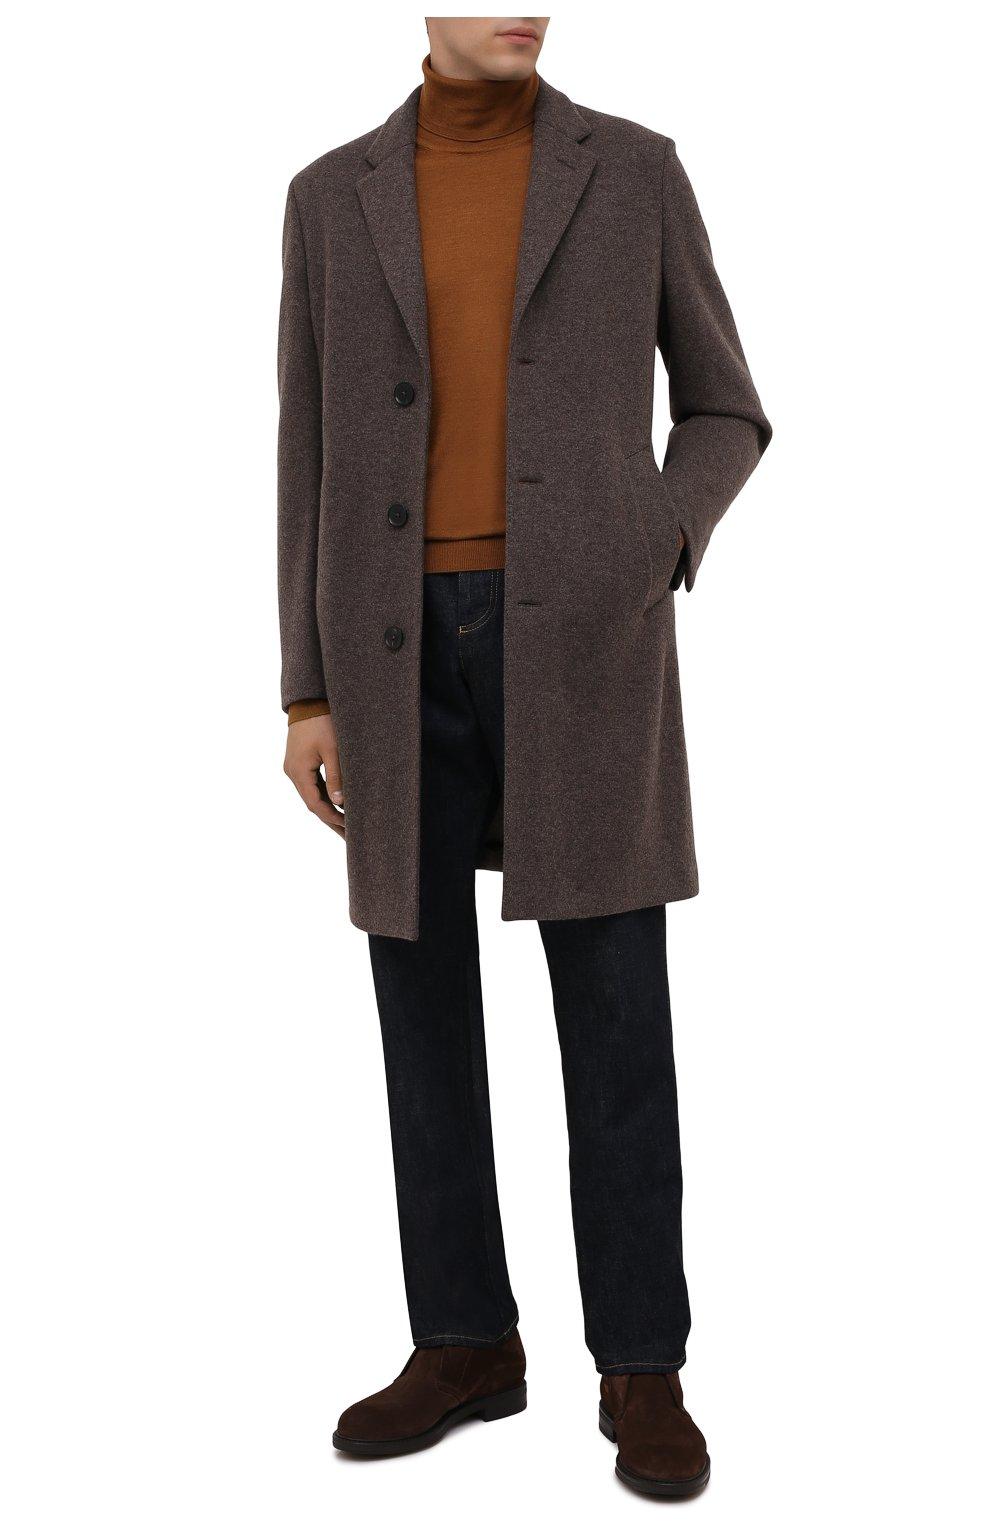 Мужские замшевые ботинки W.GIBBS коричневого цвета, арт. 3169005/2572 | Фото 2 (Материал утеплителя: Натуральный мех; Мужское Кросс-КТ: Ботинки-обувь, Дезерты-обувь, зимние ботинки; Подошва: Плоская; Материал внешний: Замша)